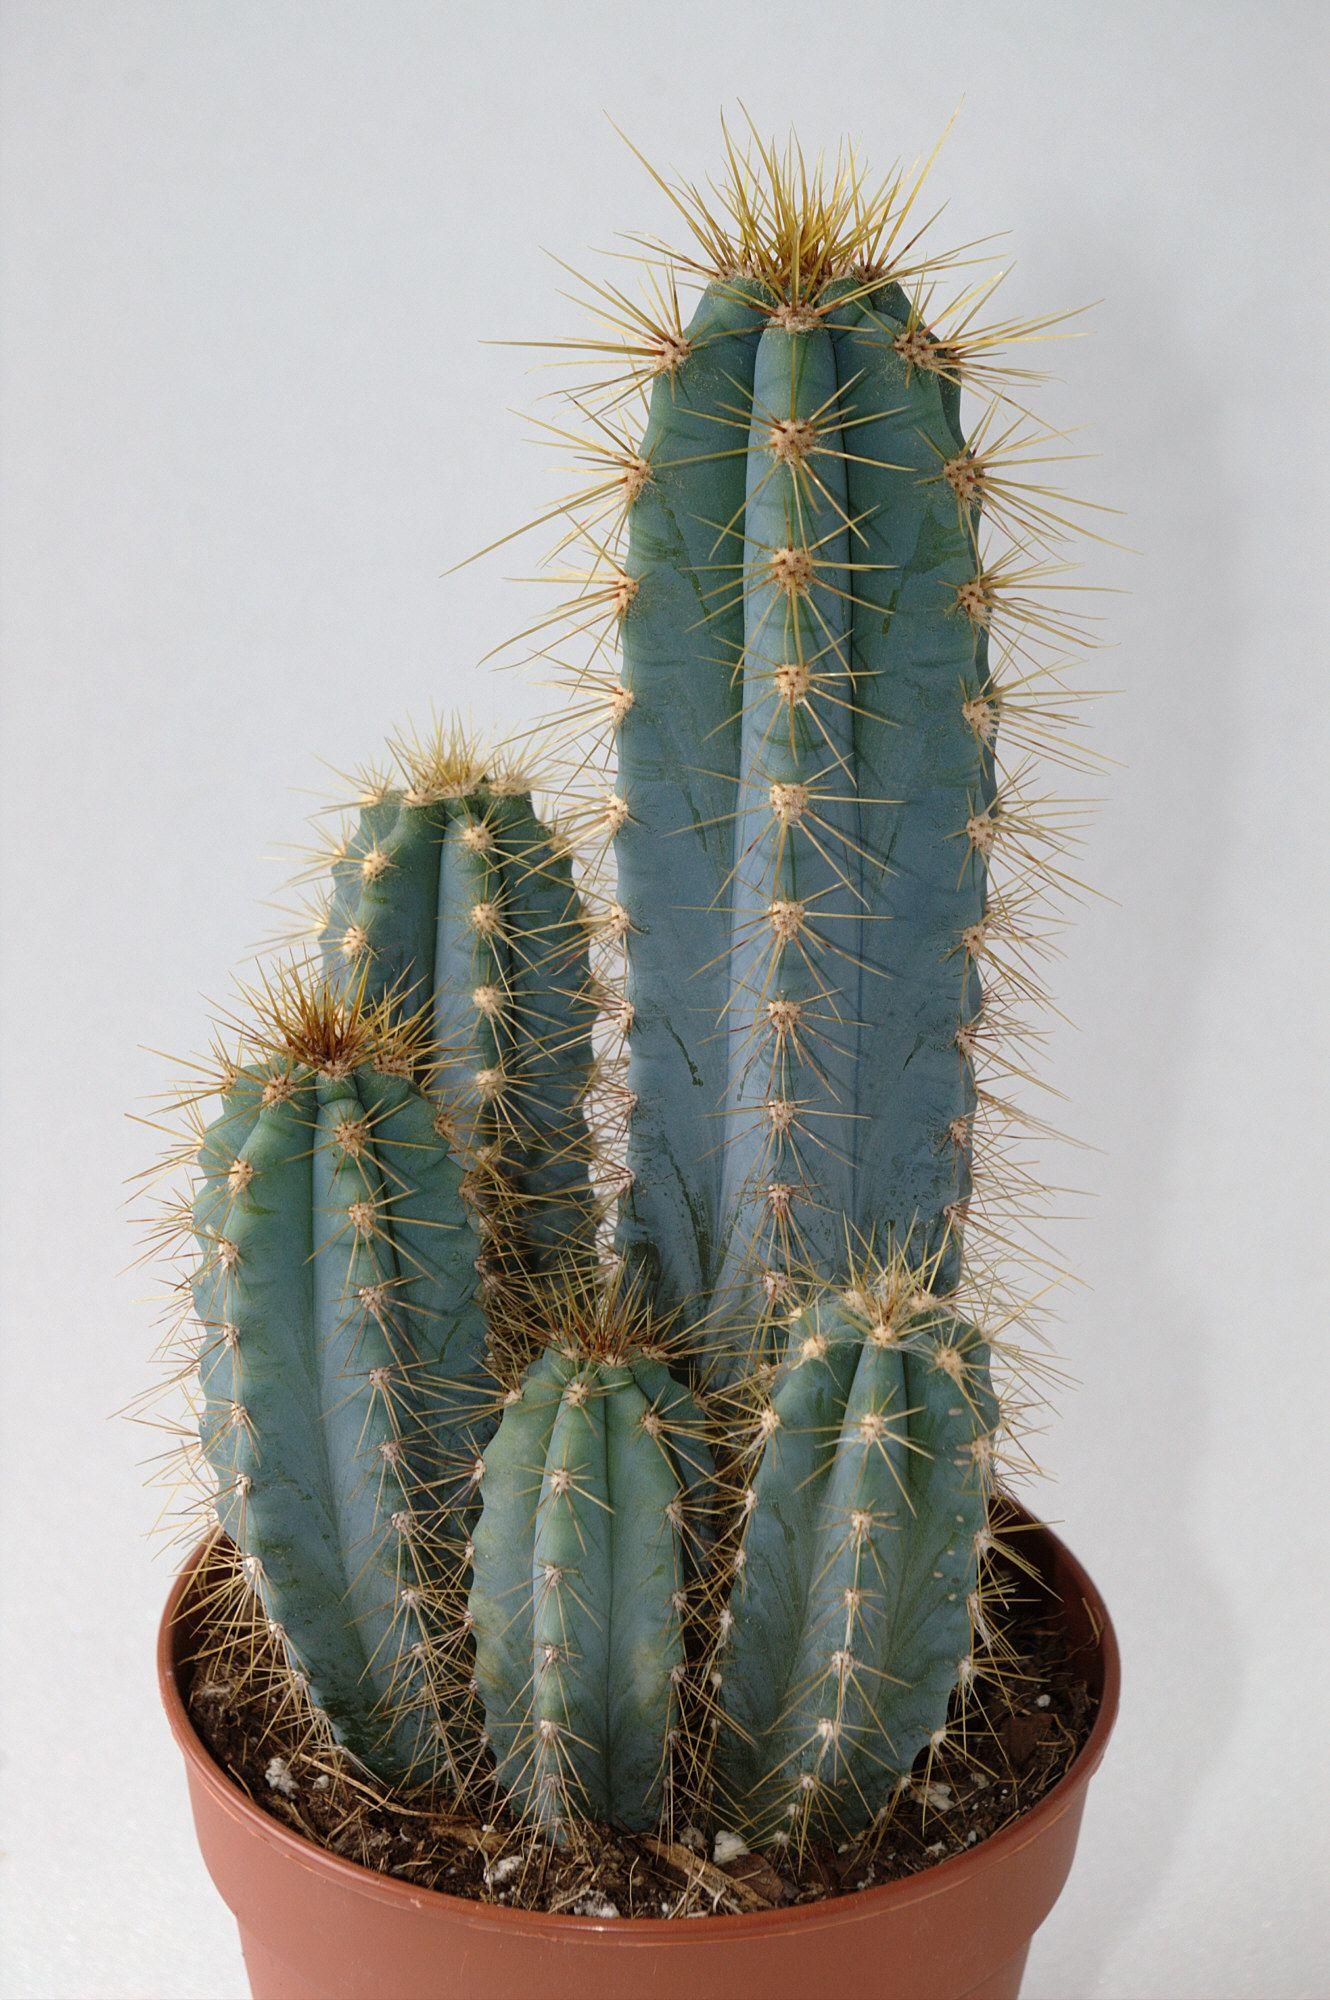 Cirio acacana cereus plantas de interior plantas - Cactus cuidados interior ...